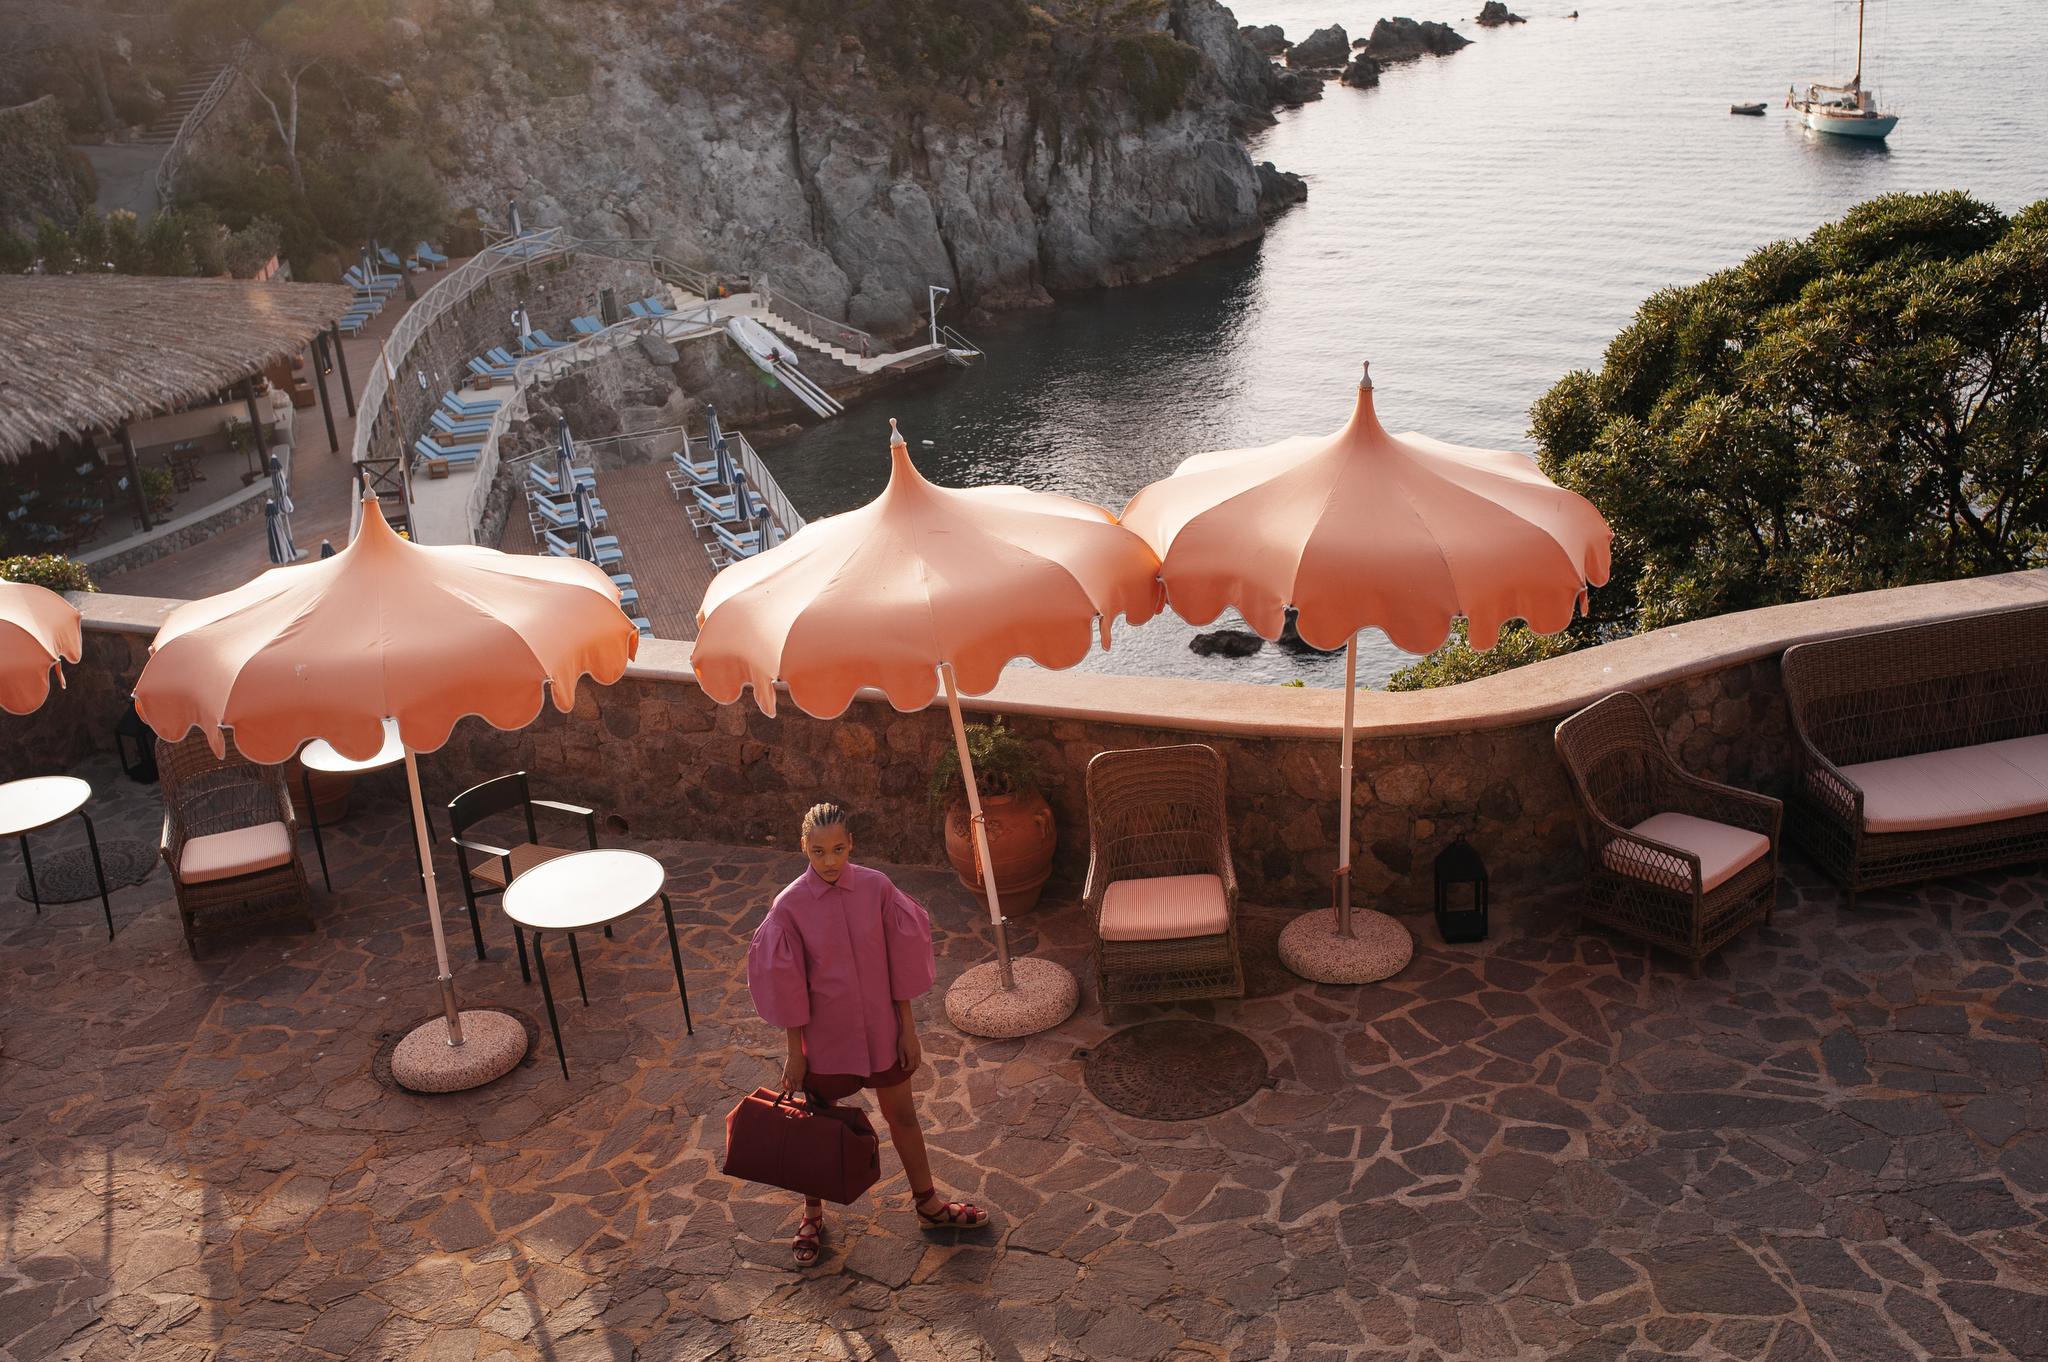 Max Mara Resort 2022 Preview